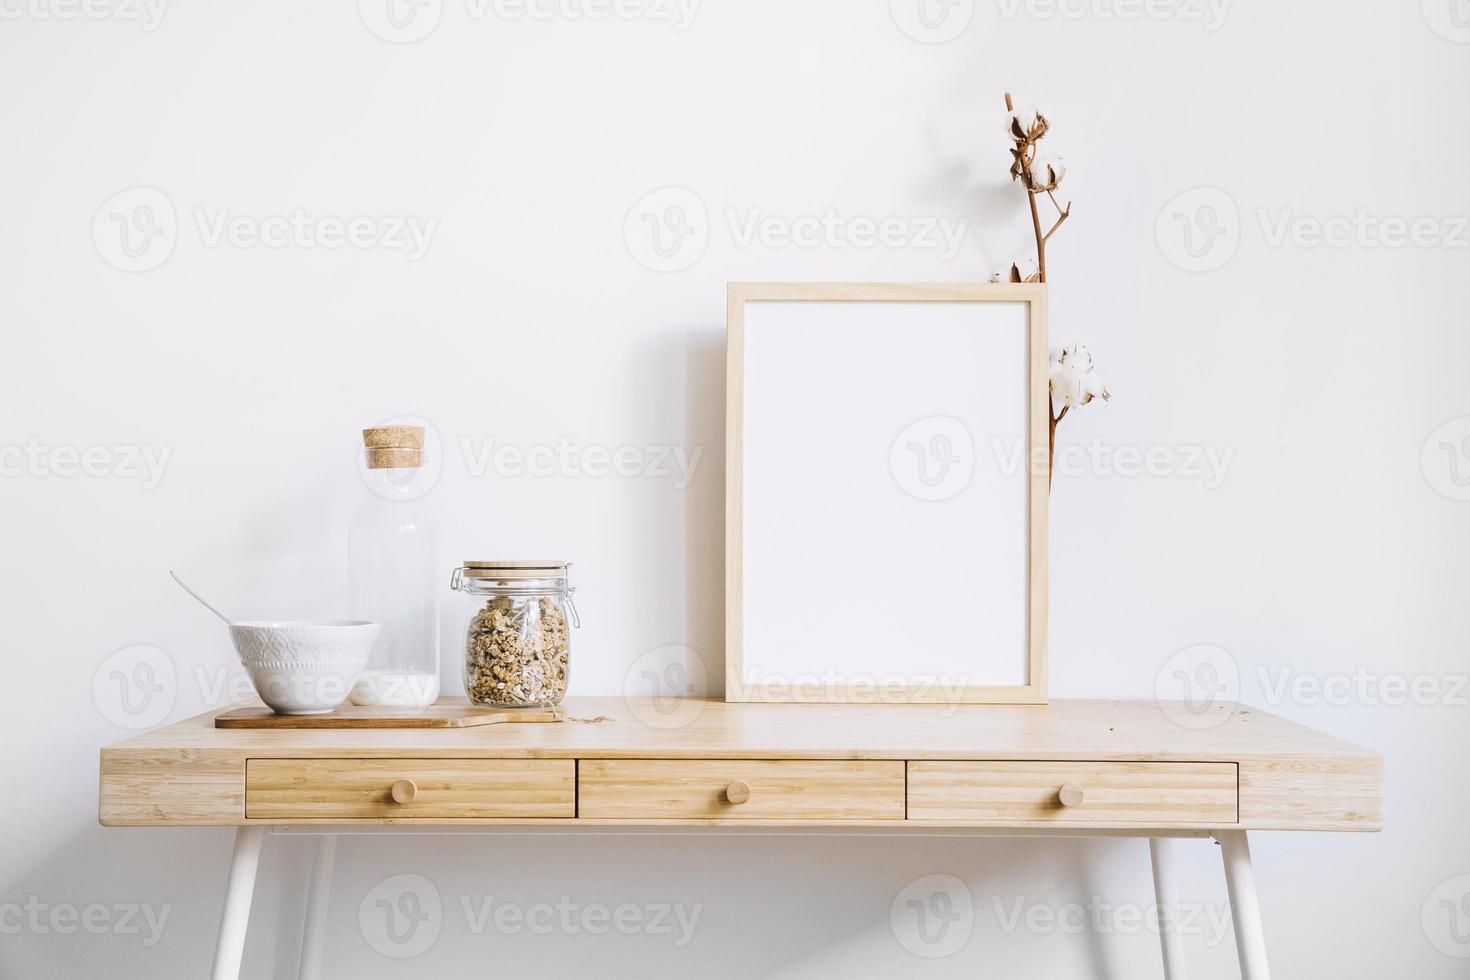 cornice e vetro su tavola foto